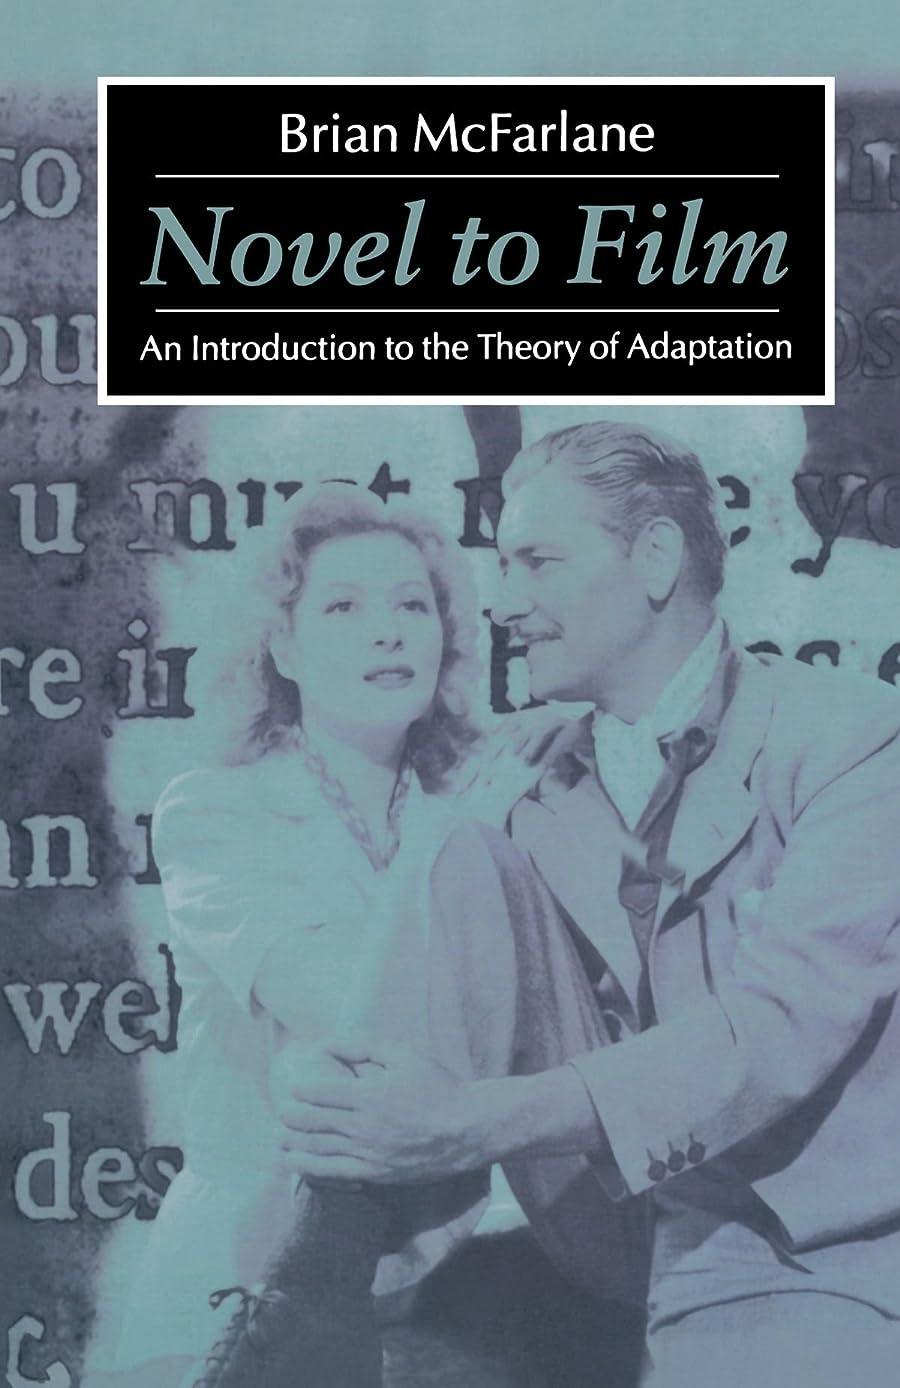 カビエスカレーター険しいNovel to Film: An Introduction to the Theory of Adaptation